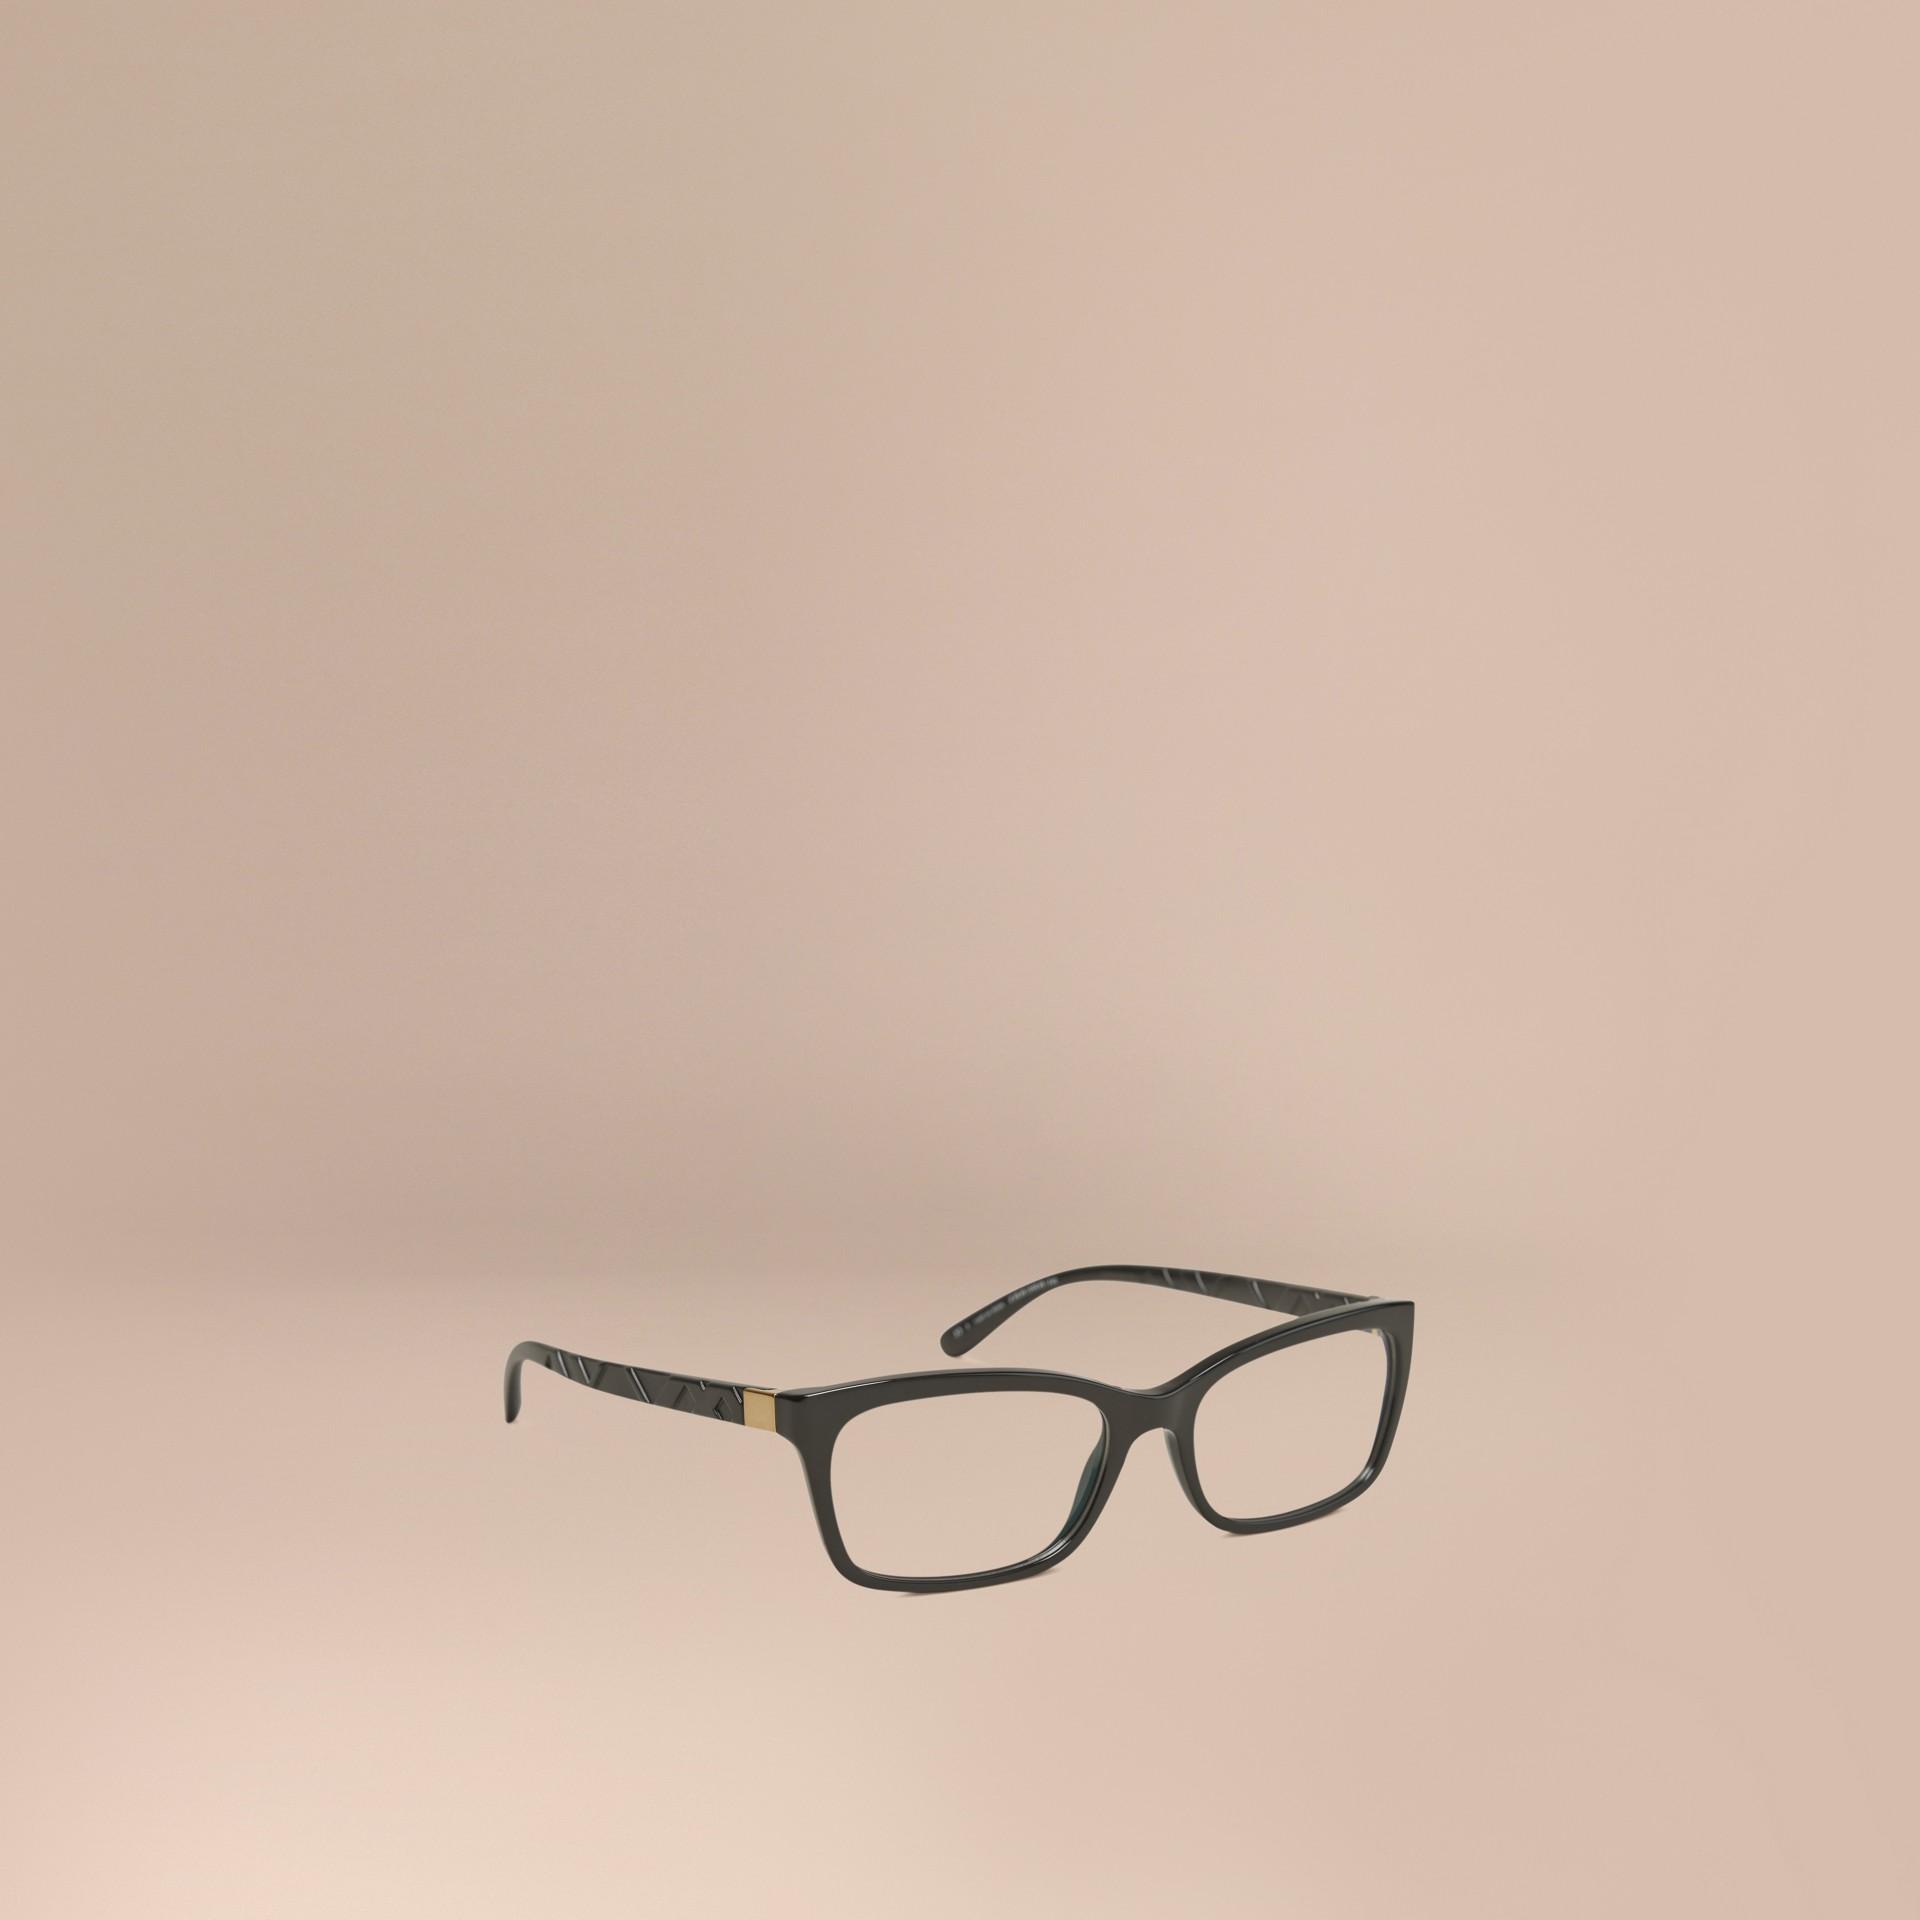 Noir Monture rectangulaire pour lunettes de vue avec détails check Noir - photo de la galerie 1